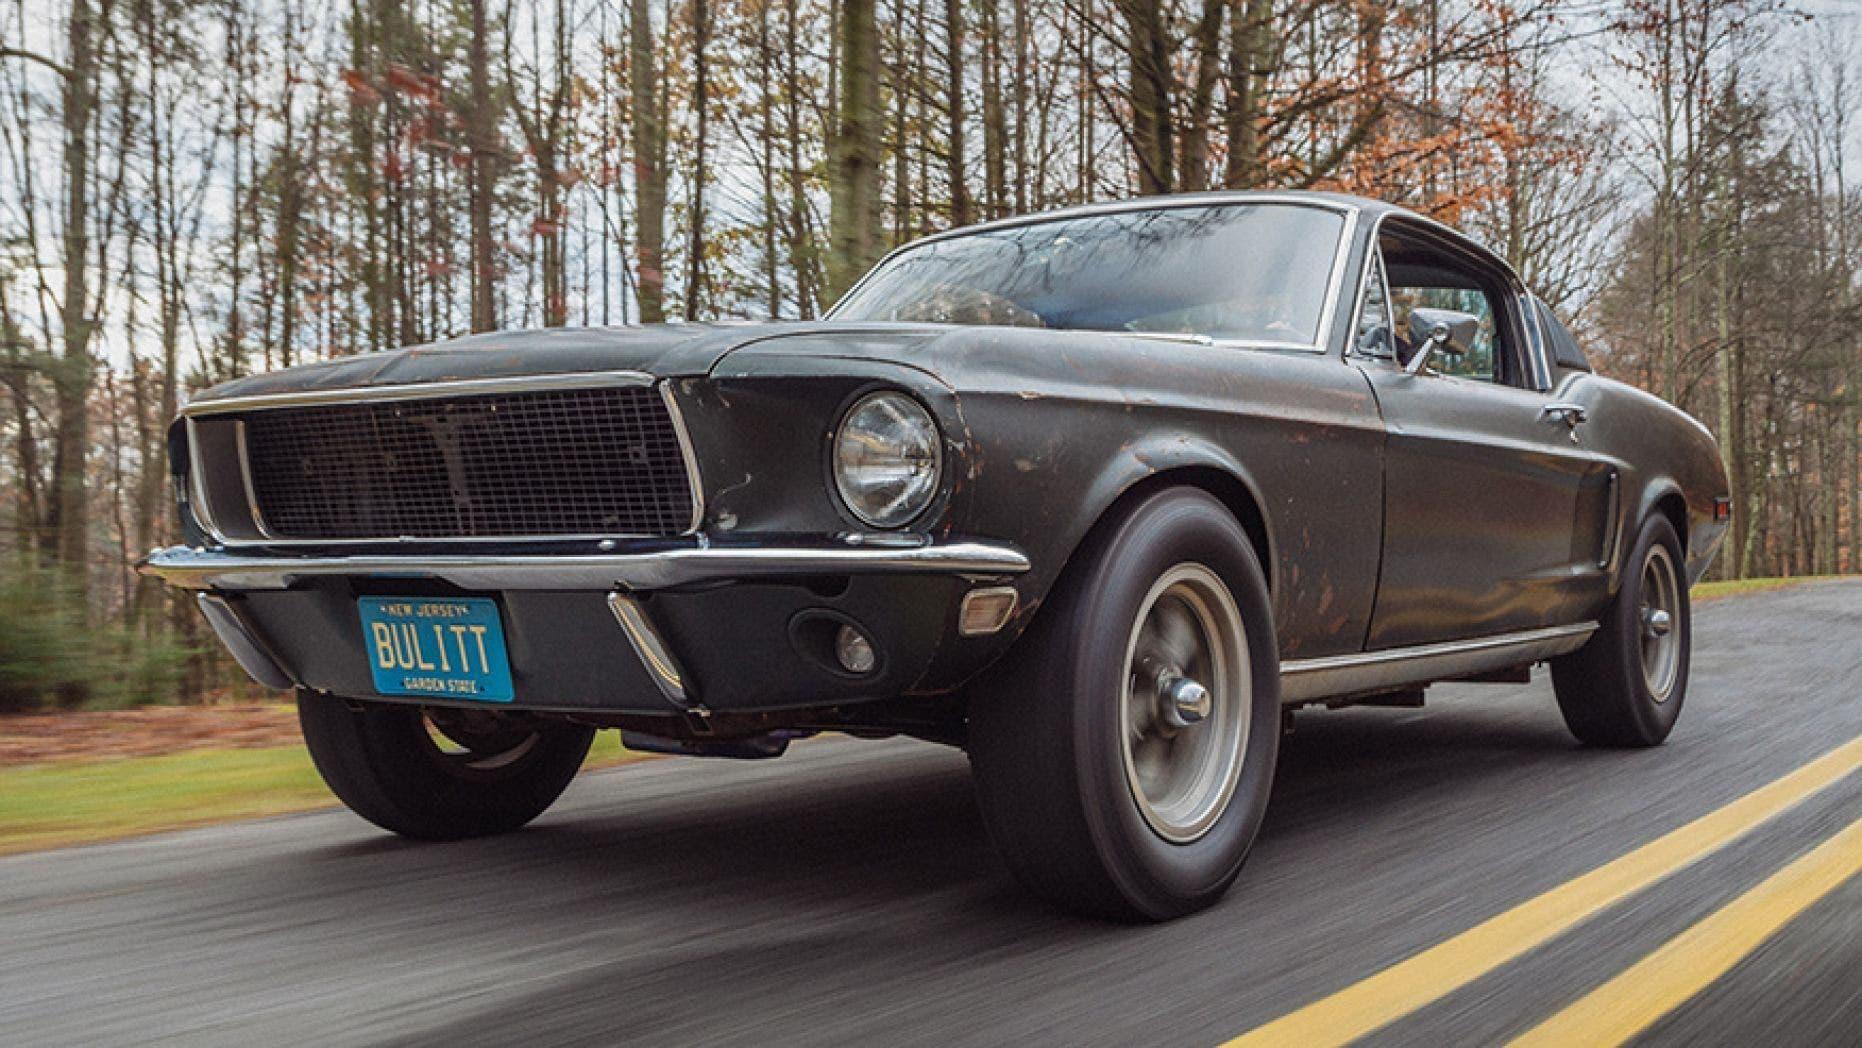 'Bullitt' Ford Mustang